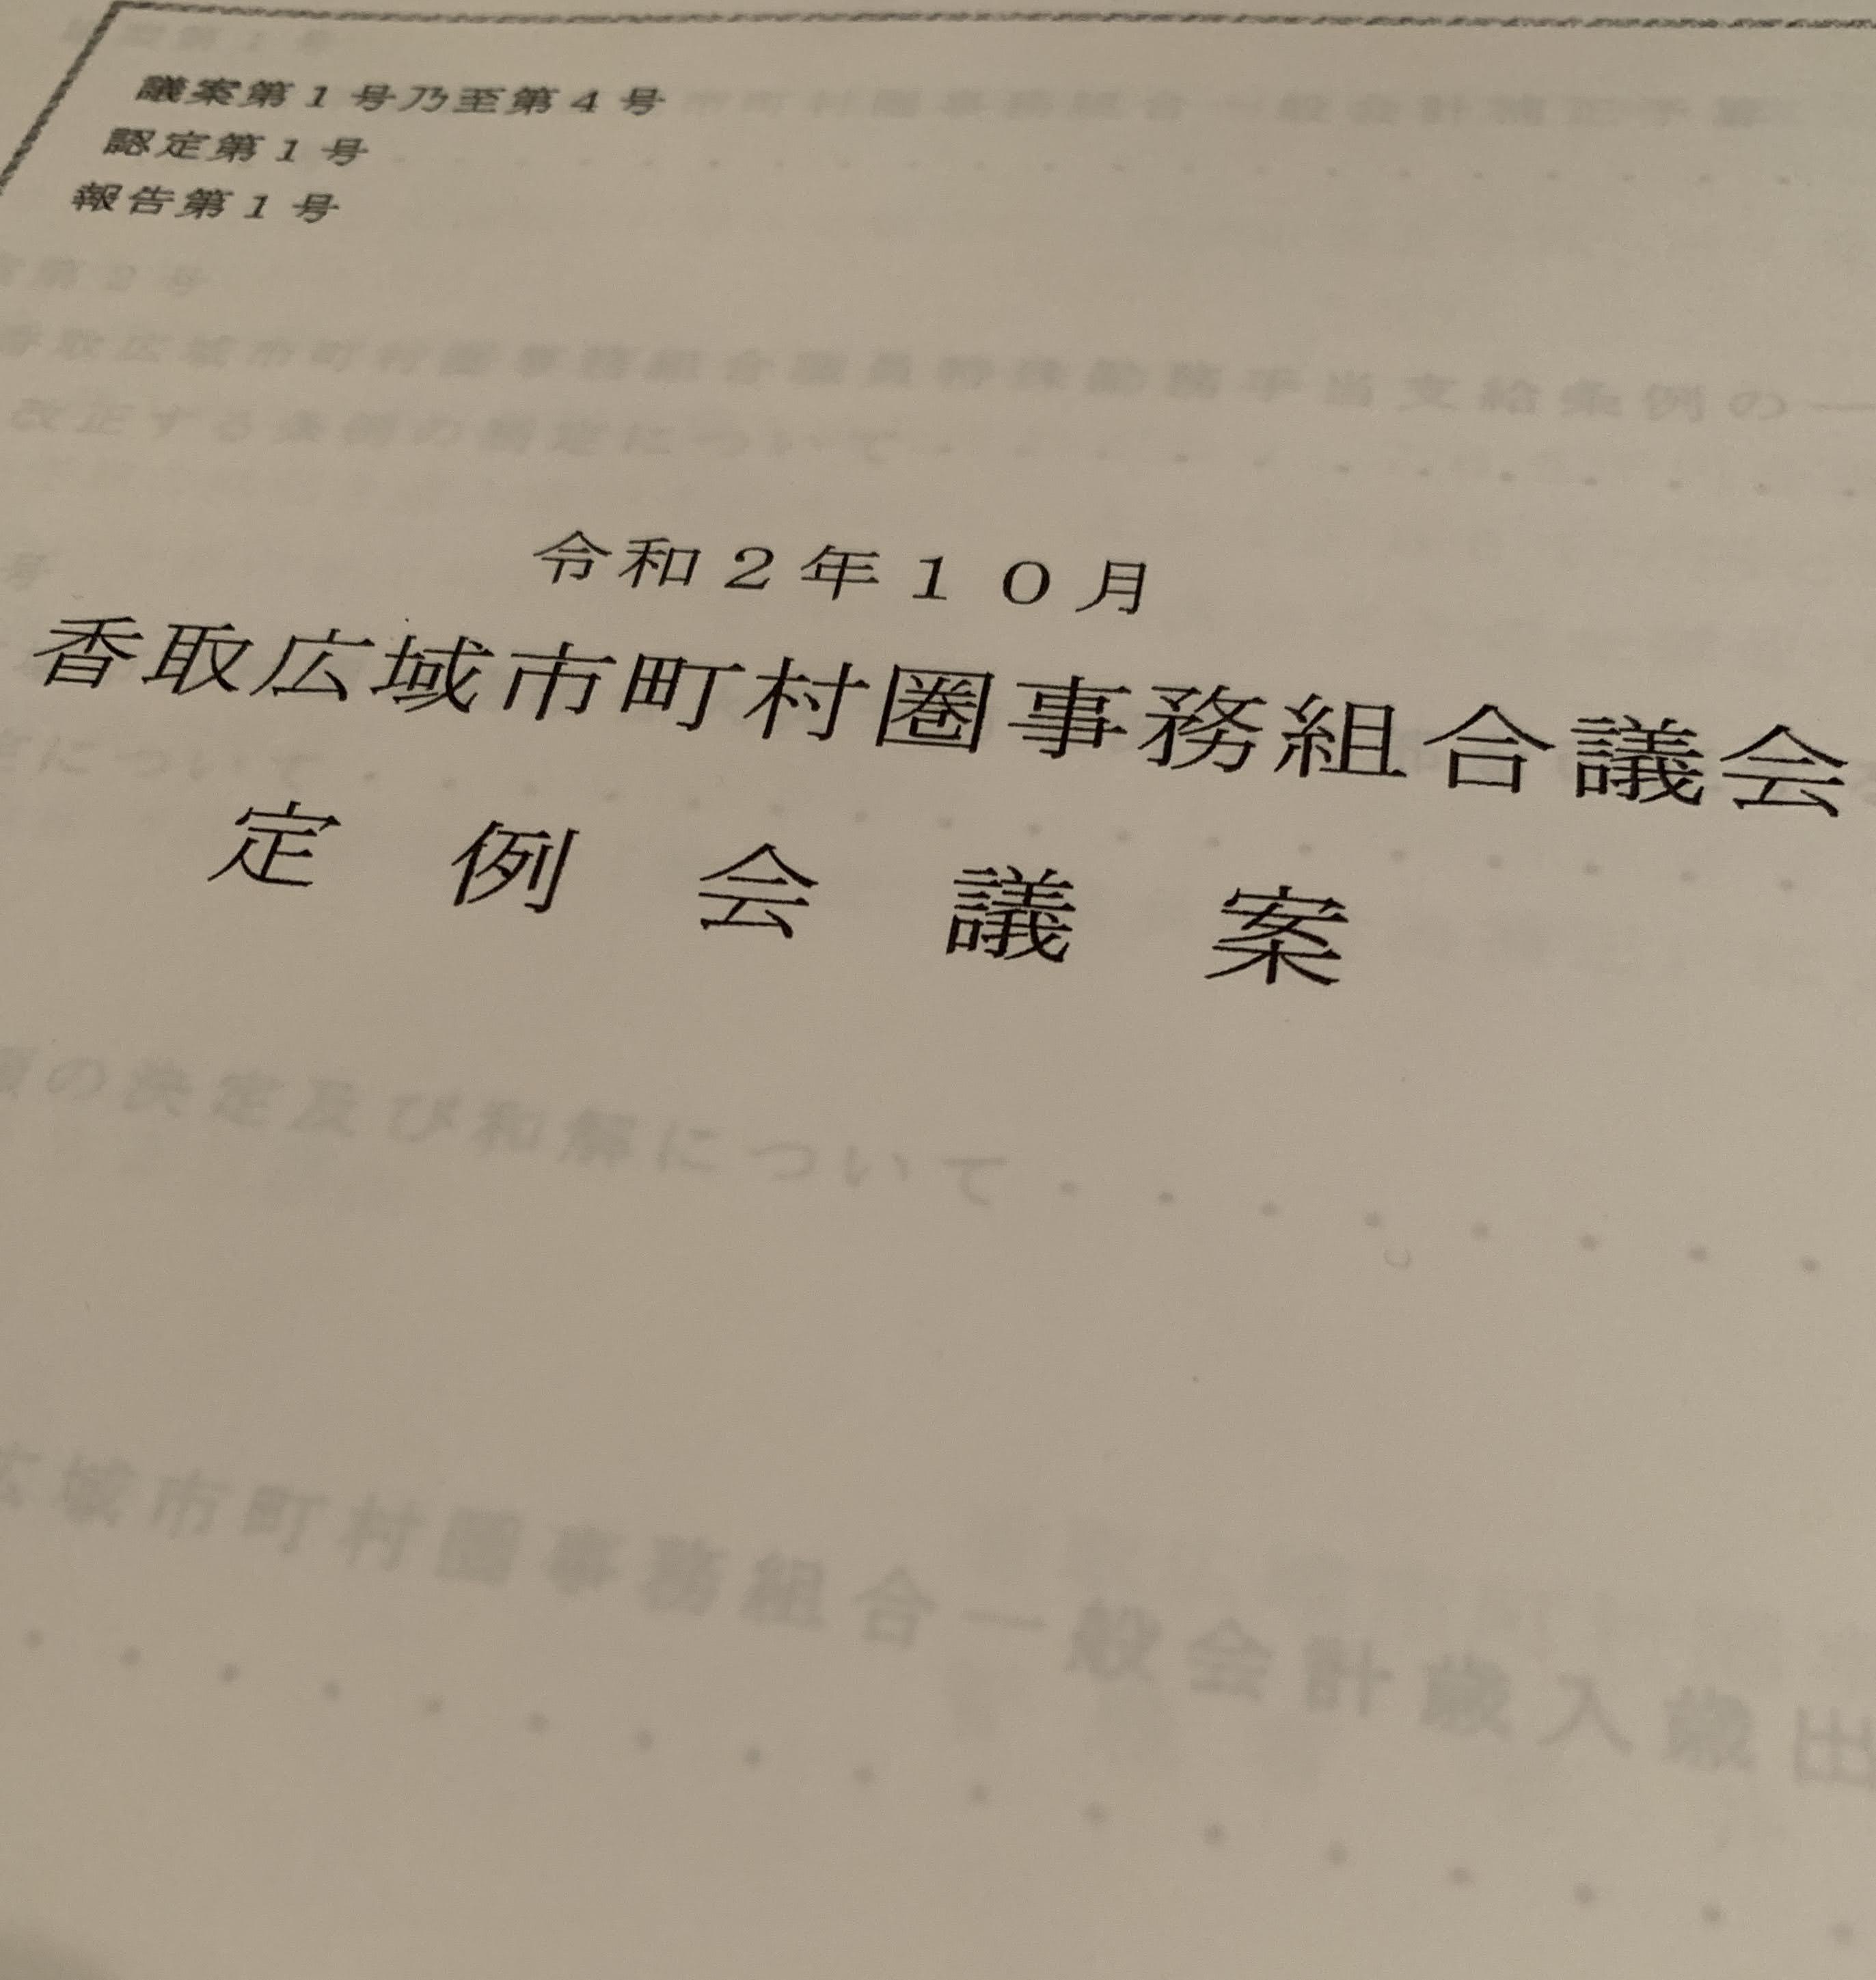 令和2年10月香取広域市町村圏事務組合議会定例会